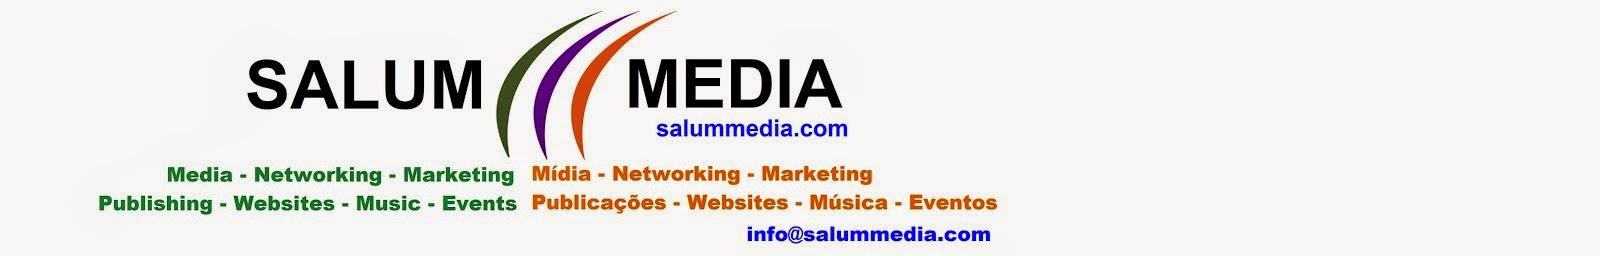 Salum Media